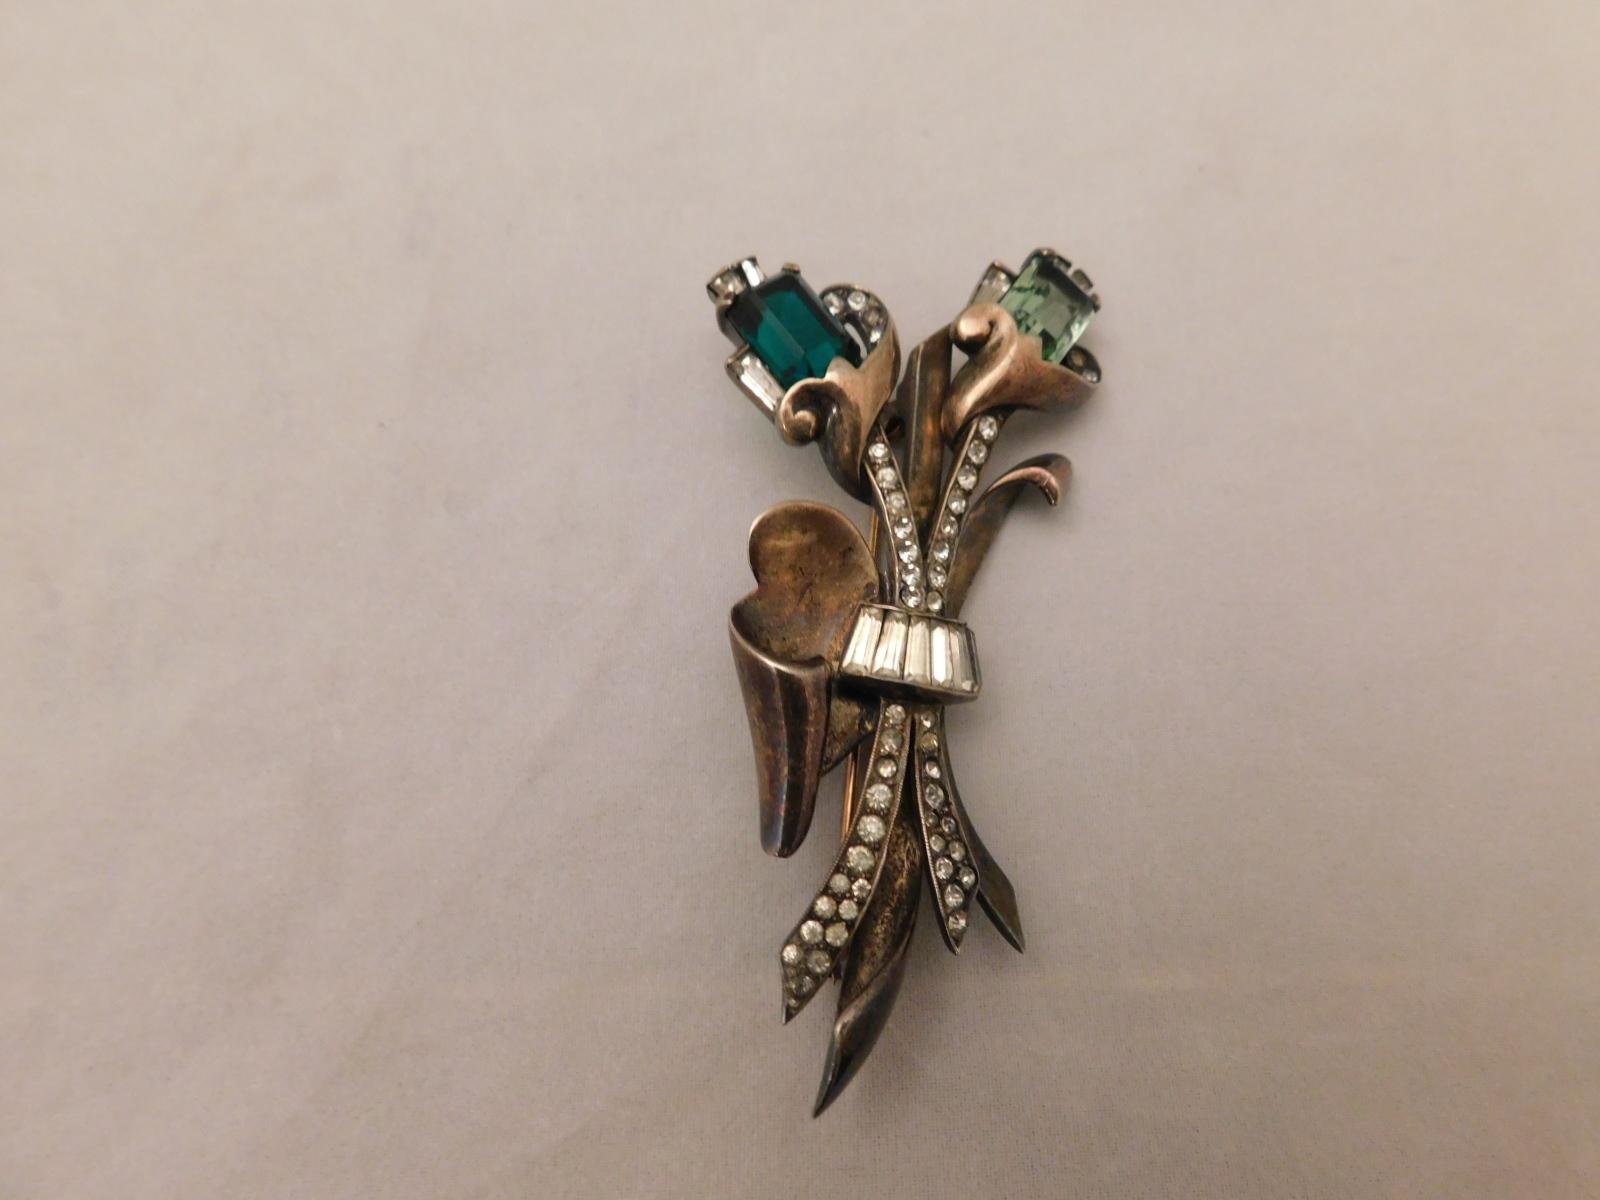 シルバーイギリス製のブローチ(ビンテージ )storing silver  vintage brooch(Made in U.K.)